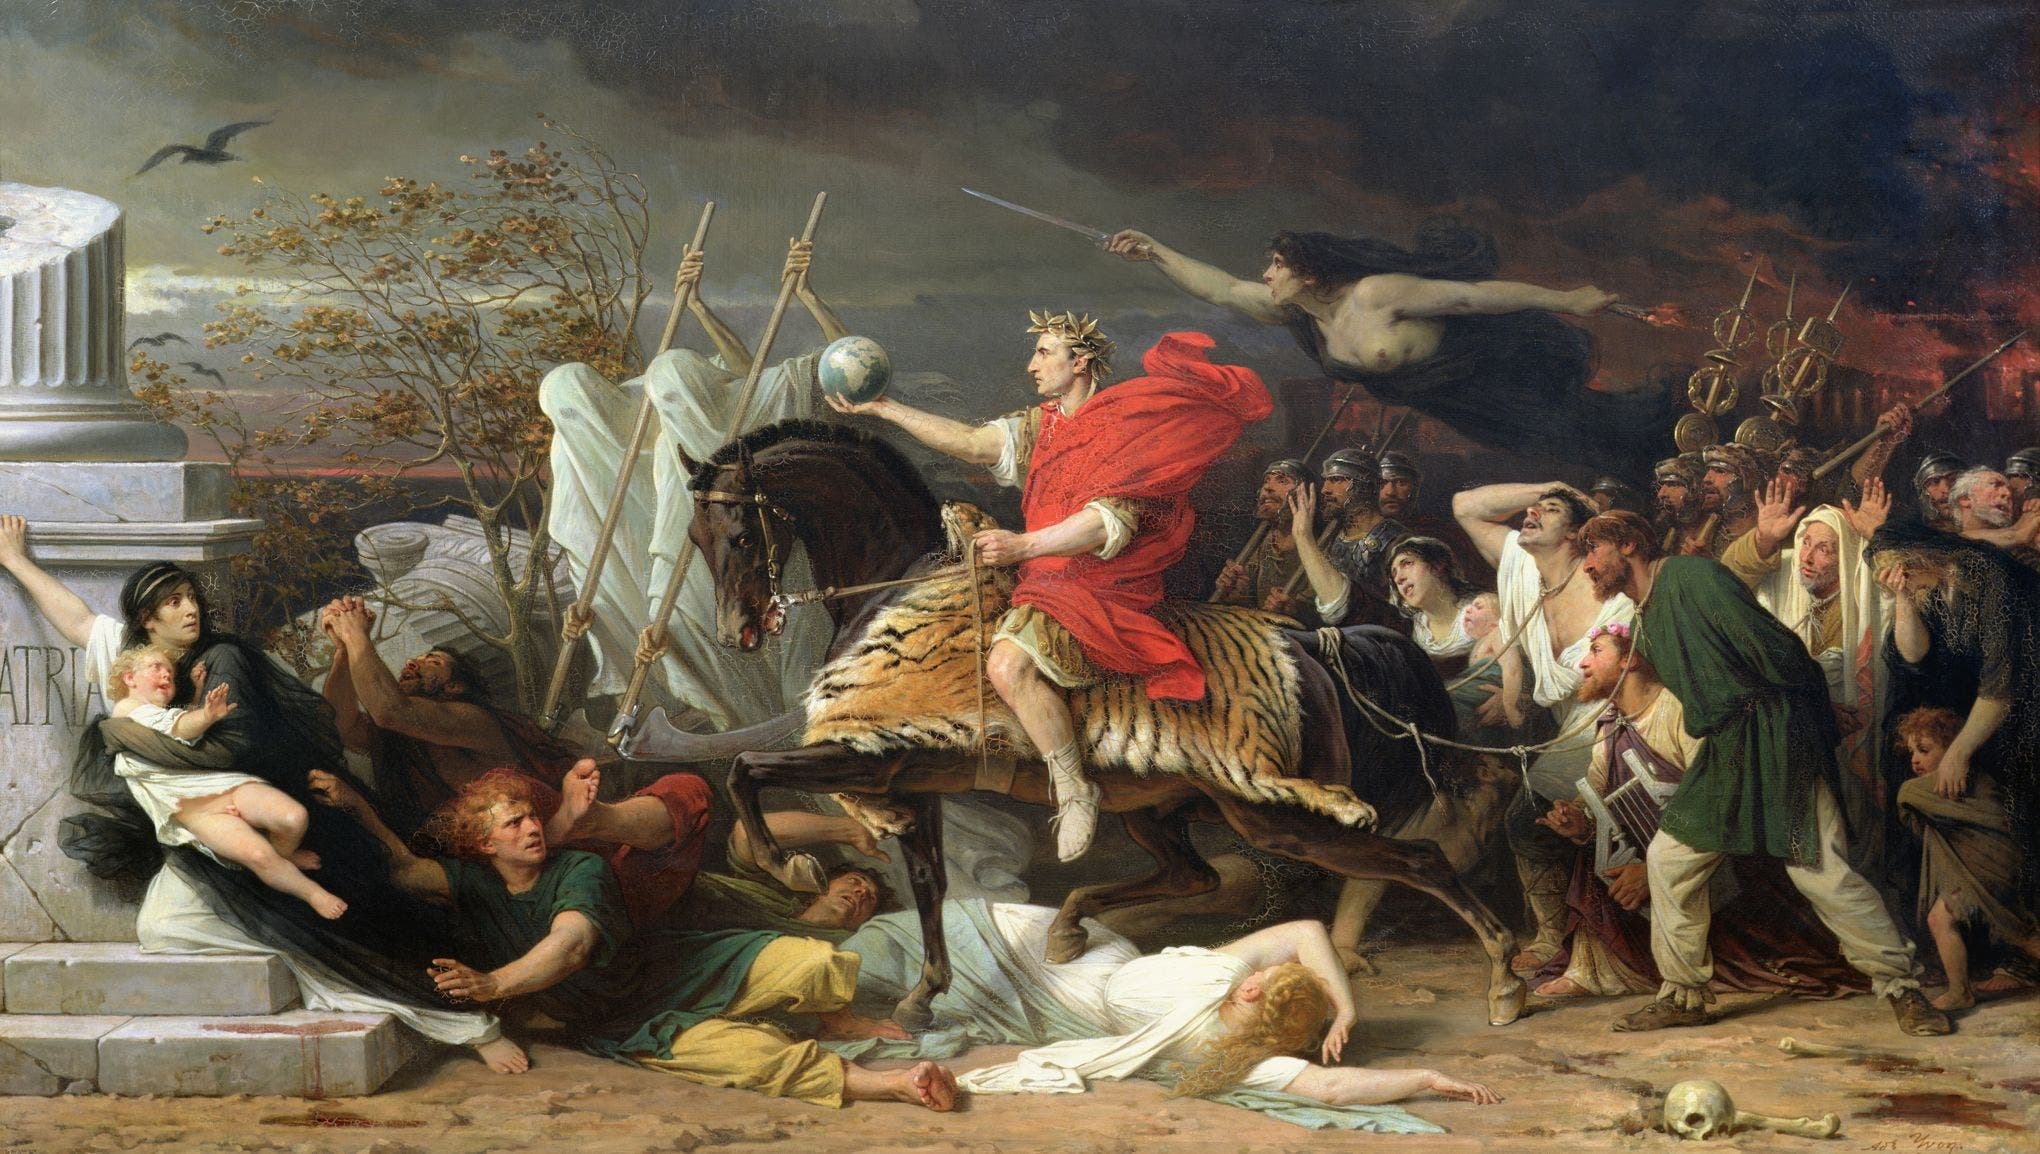 لوحة زيتية تخلد نصر يوليوس قيصر وعبوره للروبيكون وعودته نحو روما